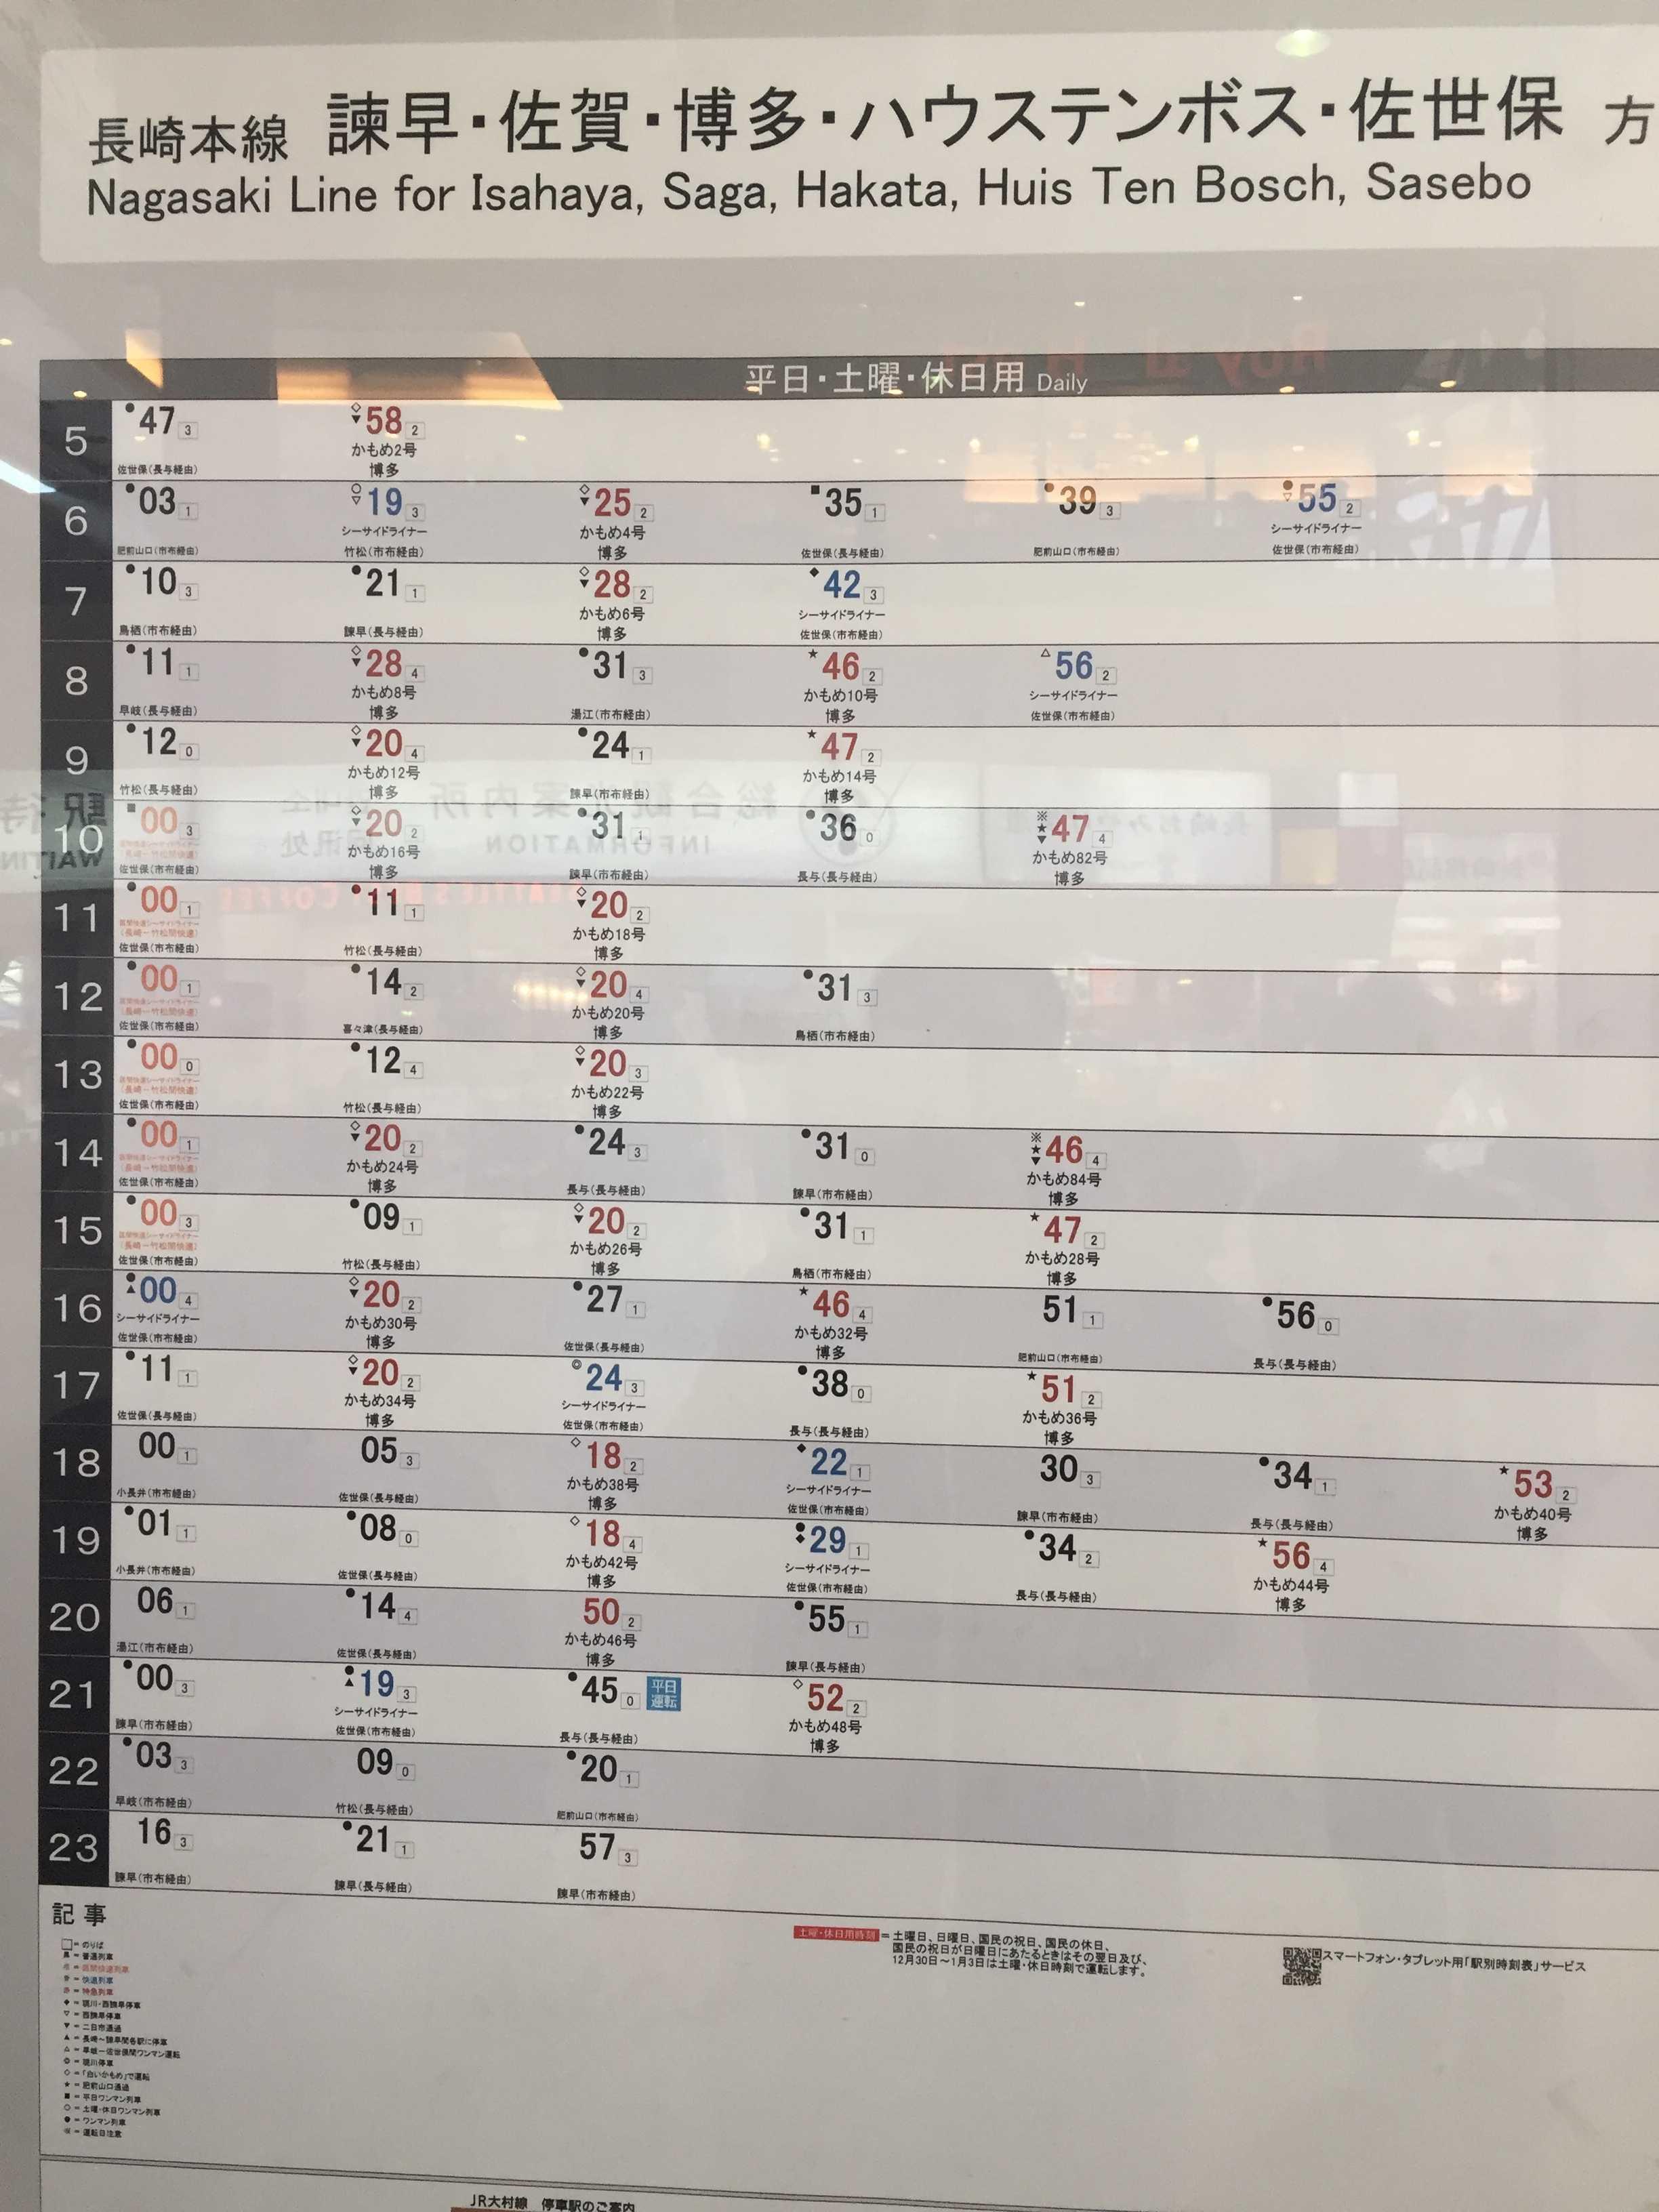 時刻 博多 かもめ 表 博多から肥前鹿島 時刻表(JR鹿児島本線(門司港